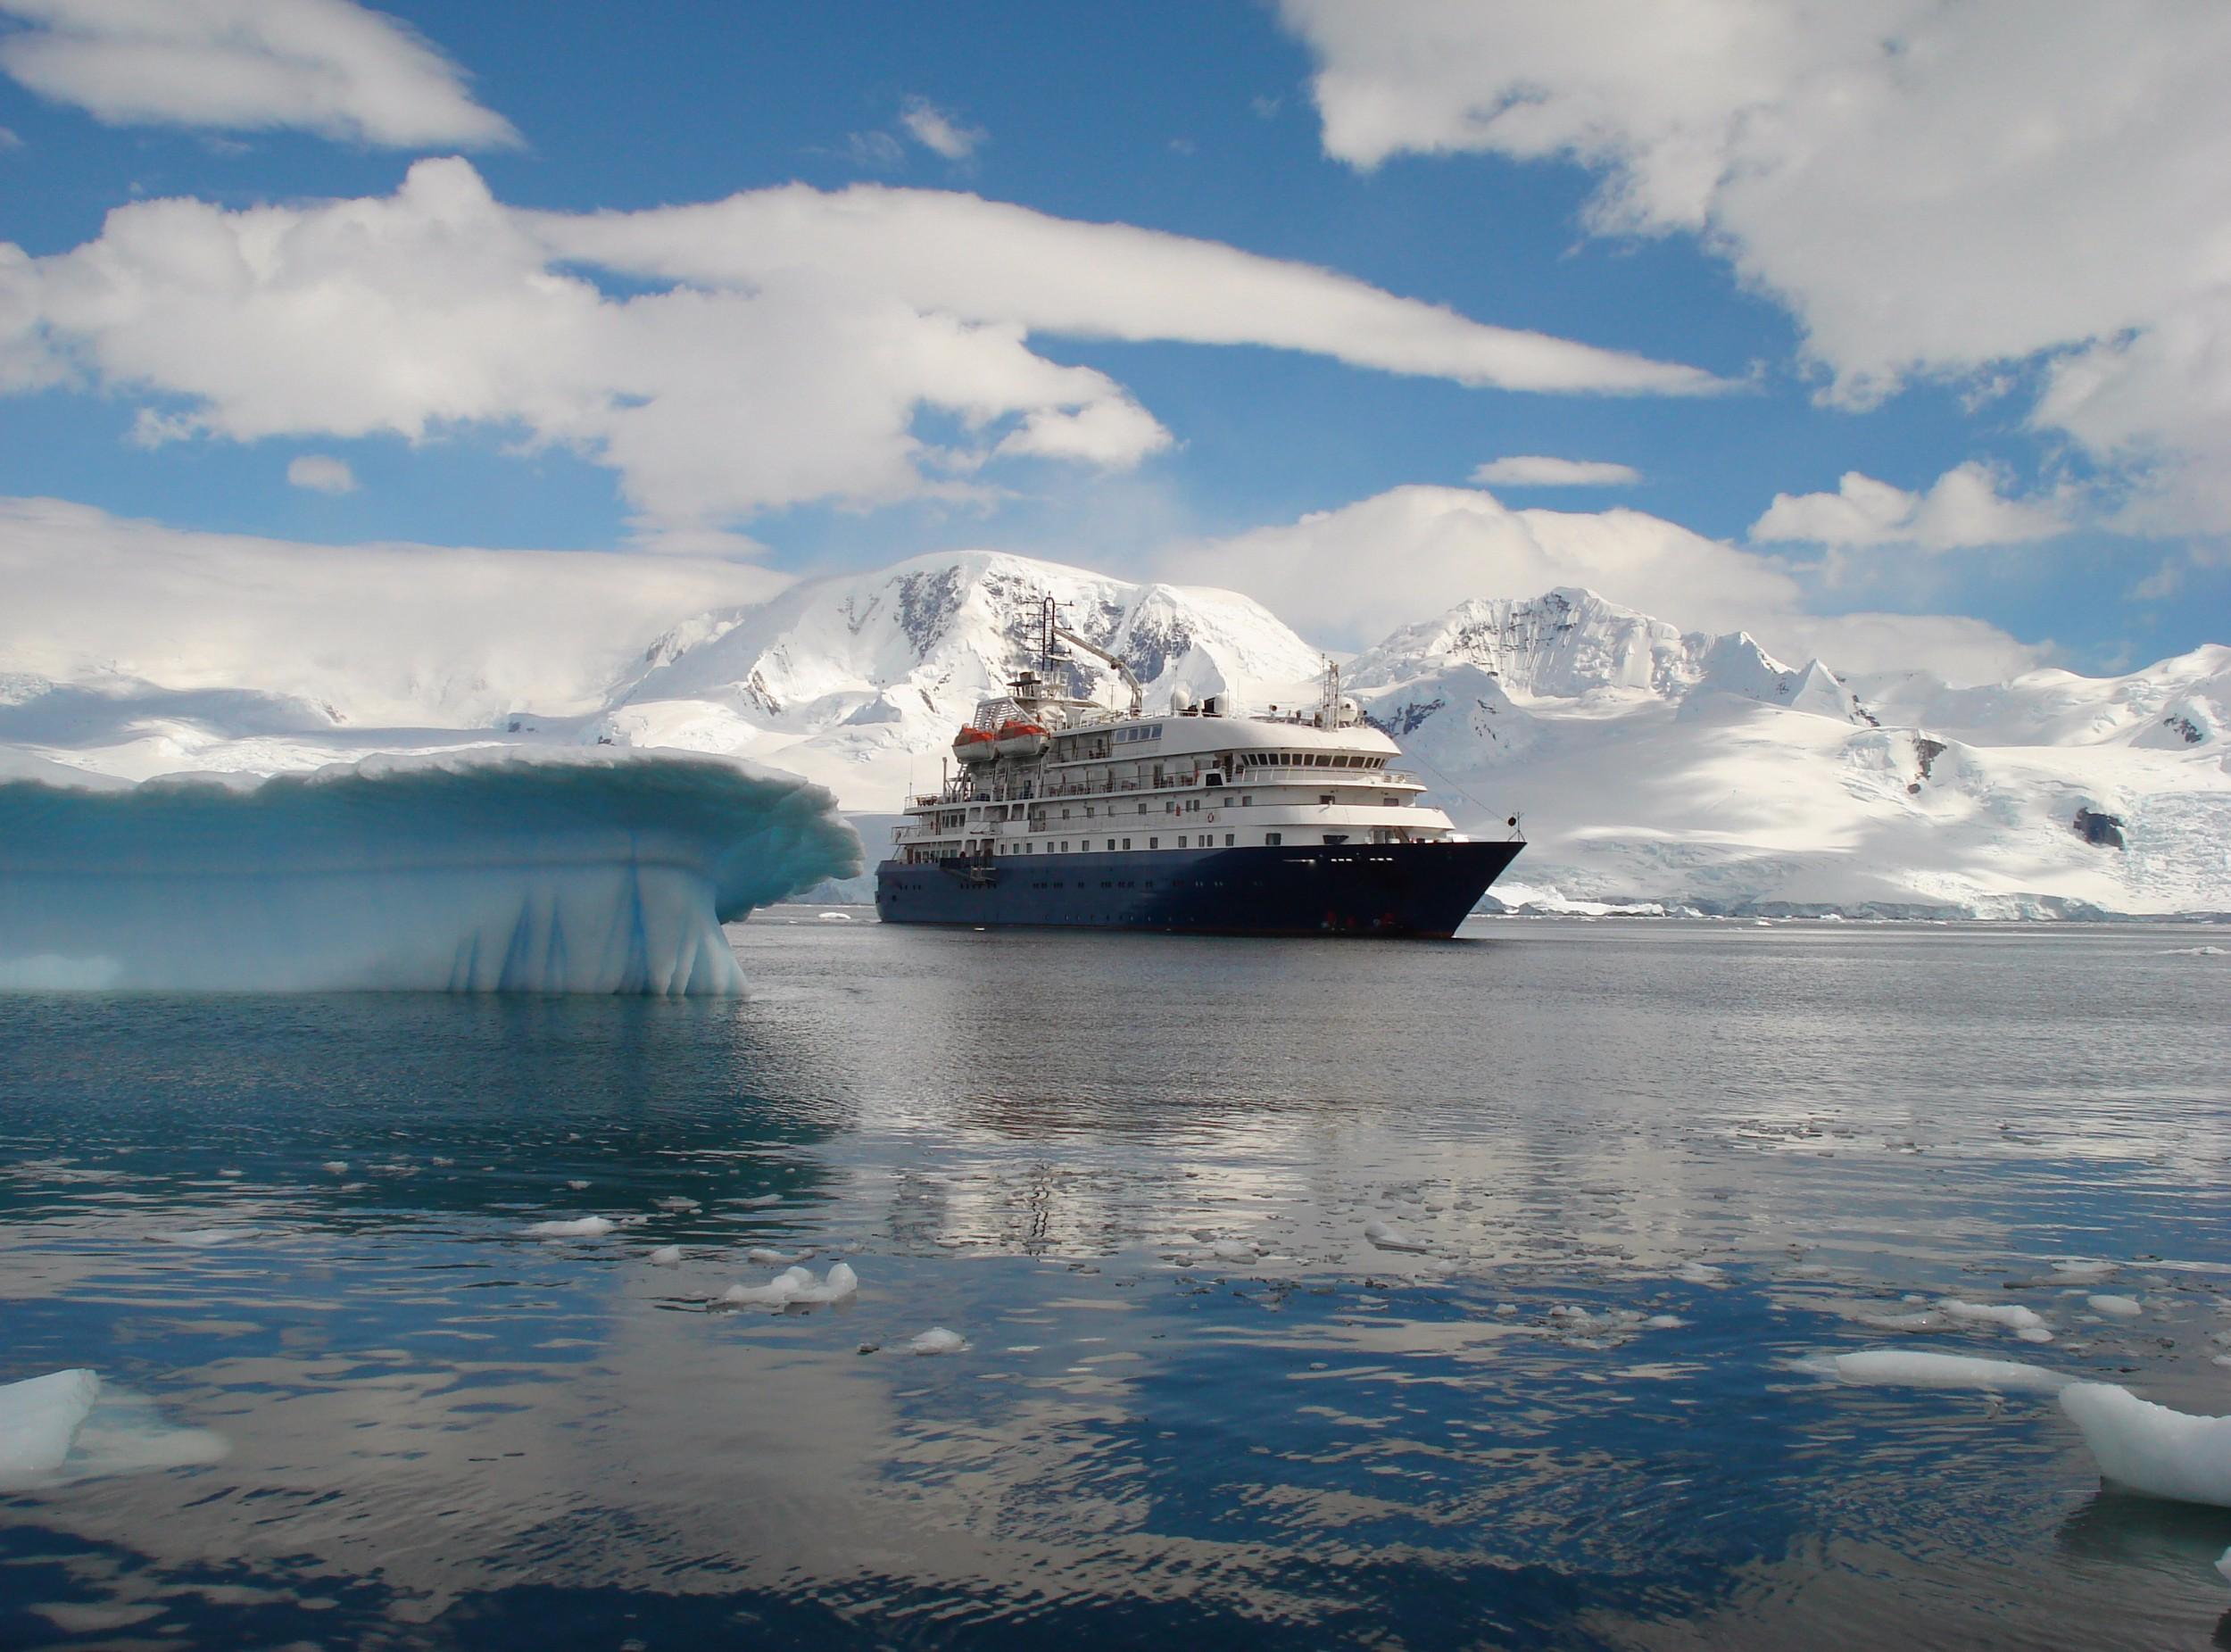 Polar Latitudes_SeaExplorer_exterior_high-res_Original_14237.jpg